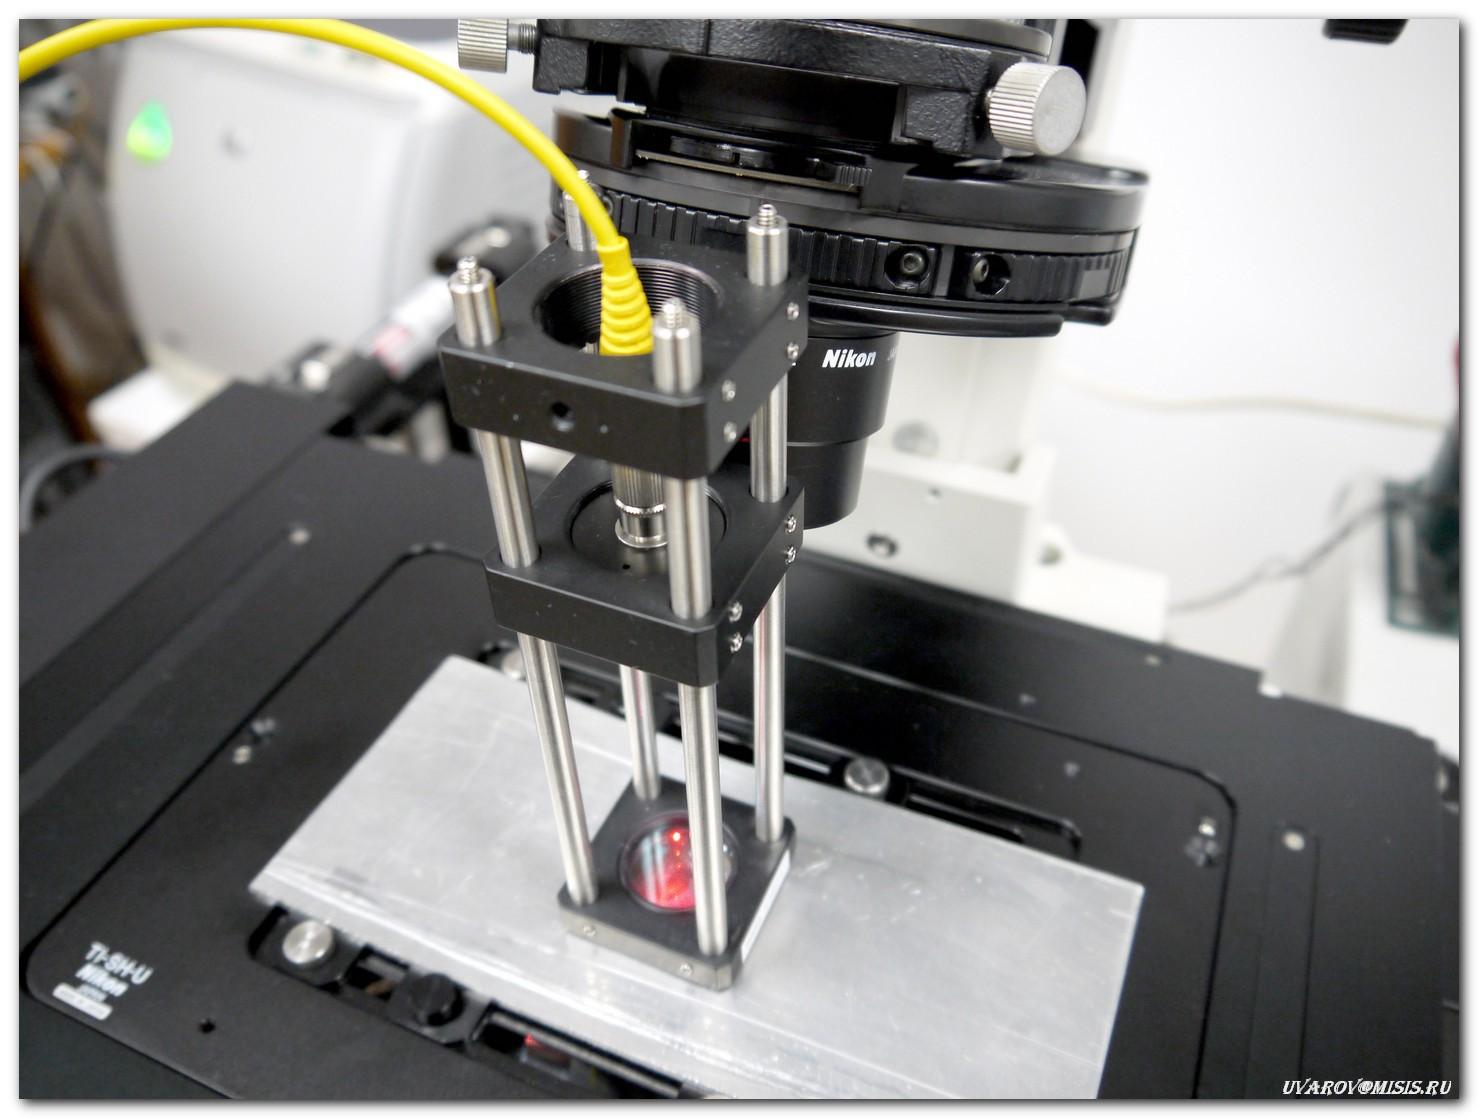 Лаборатории НИТУ «МИСиС»: от разделения наночастиц магнетита до создания квантового компьютера - 12